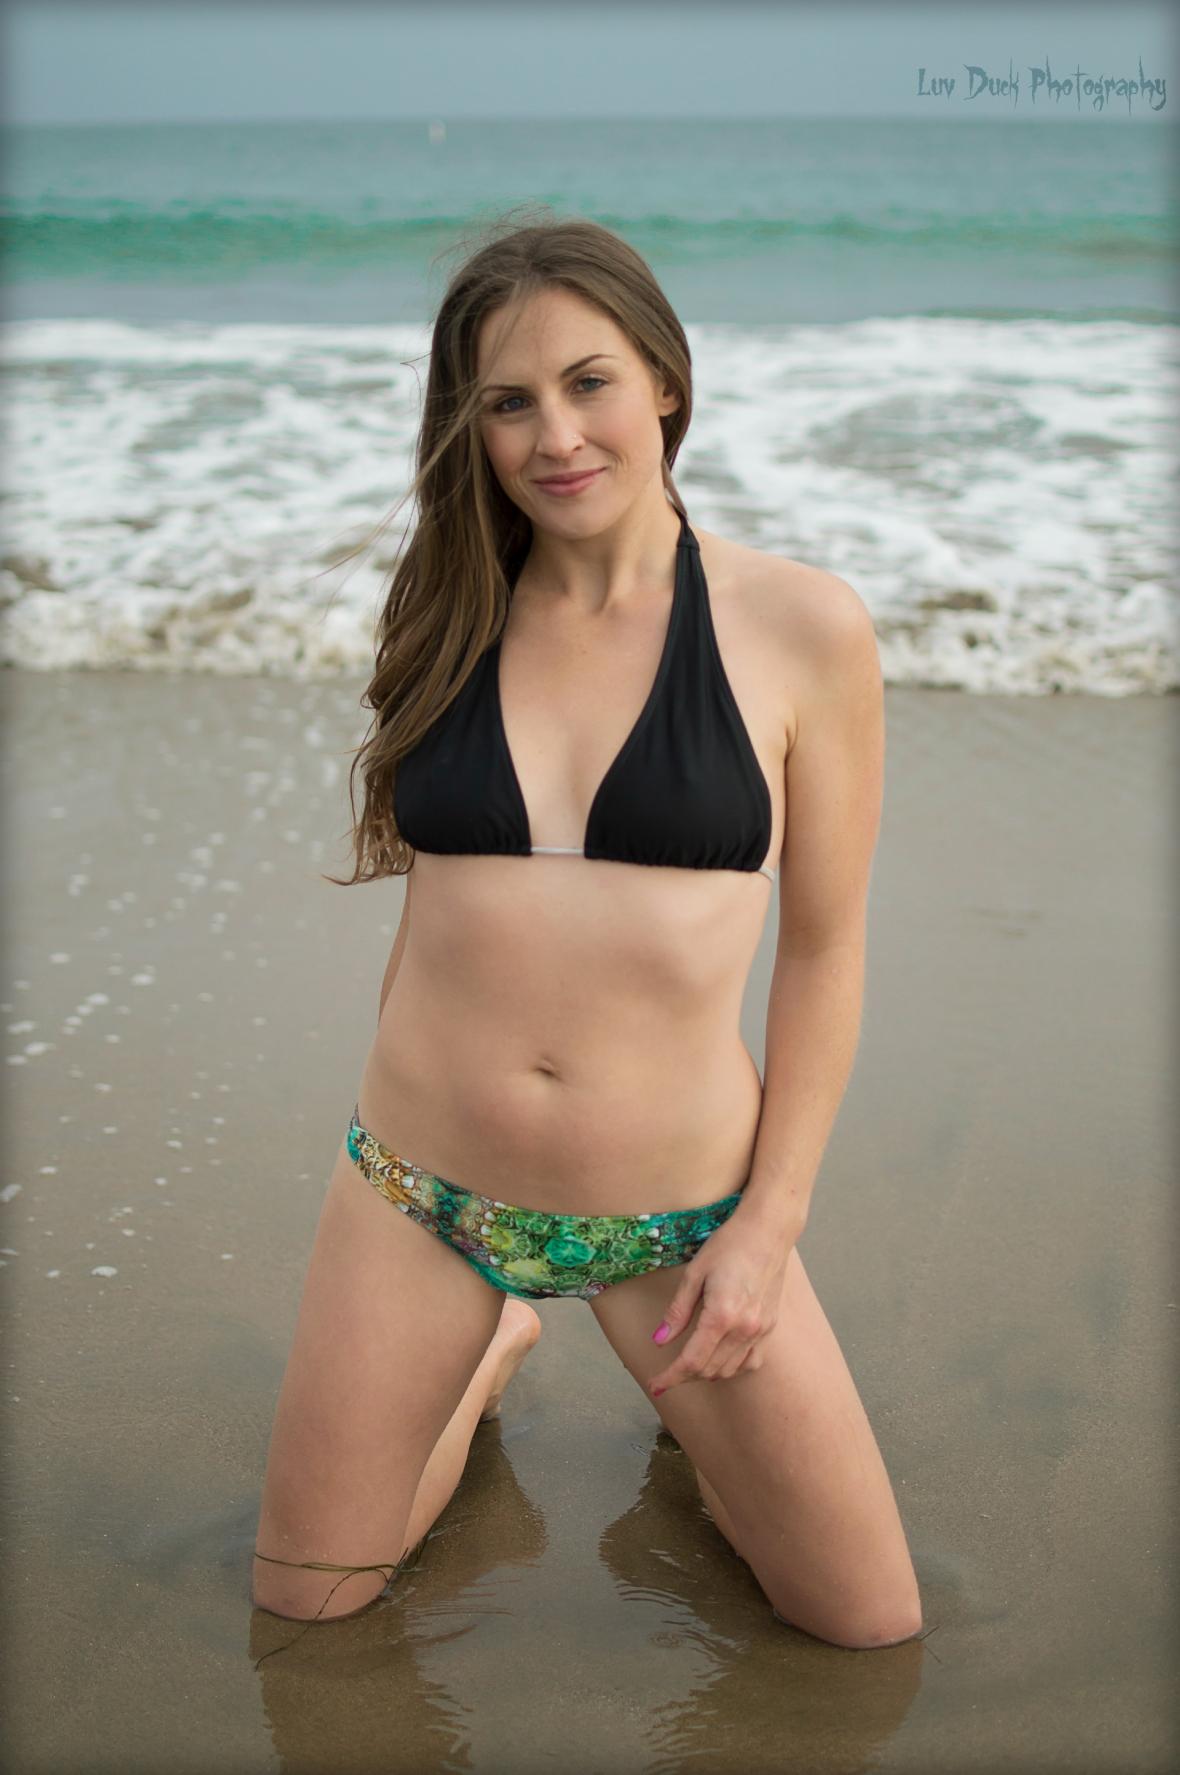 Kalisa on the beach1